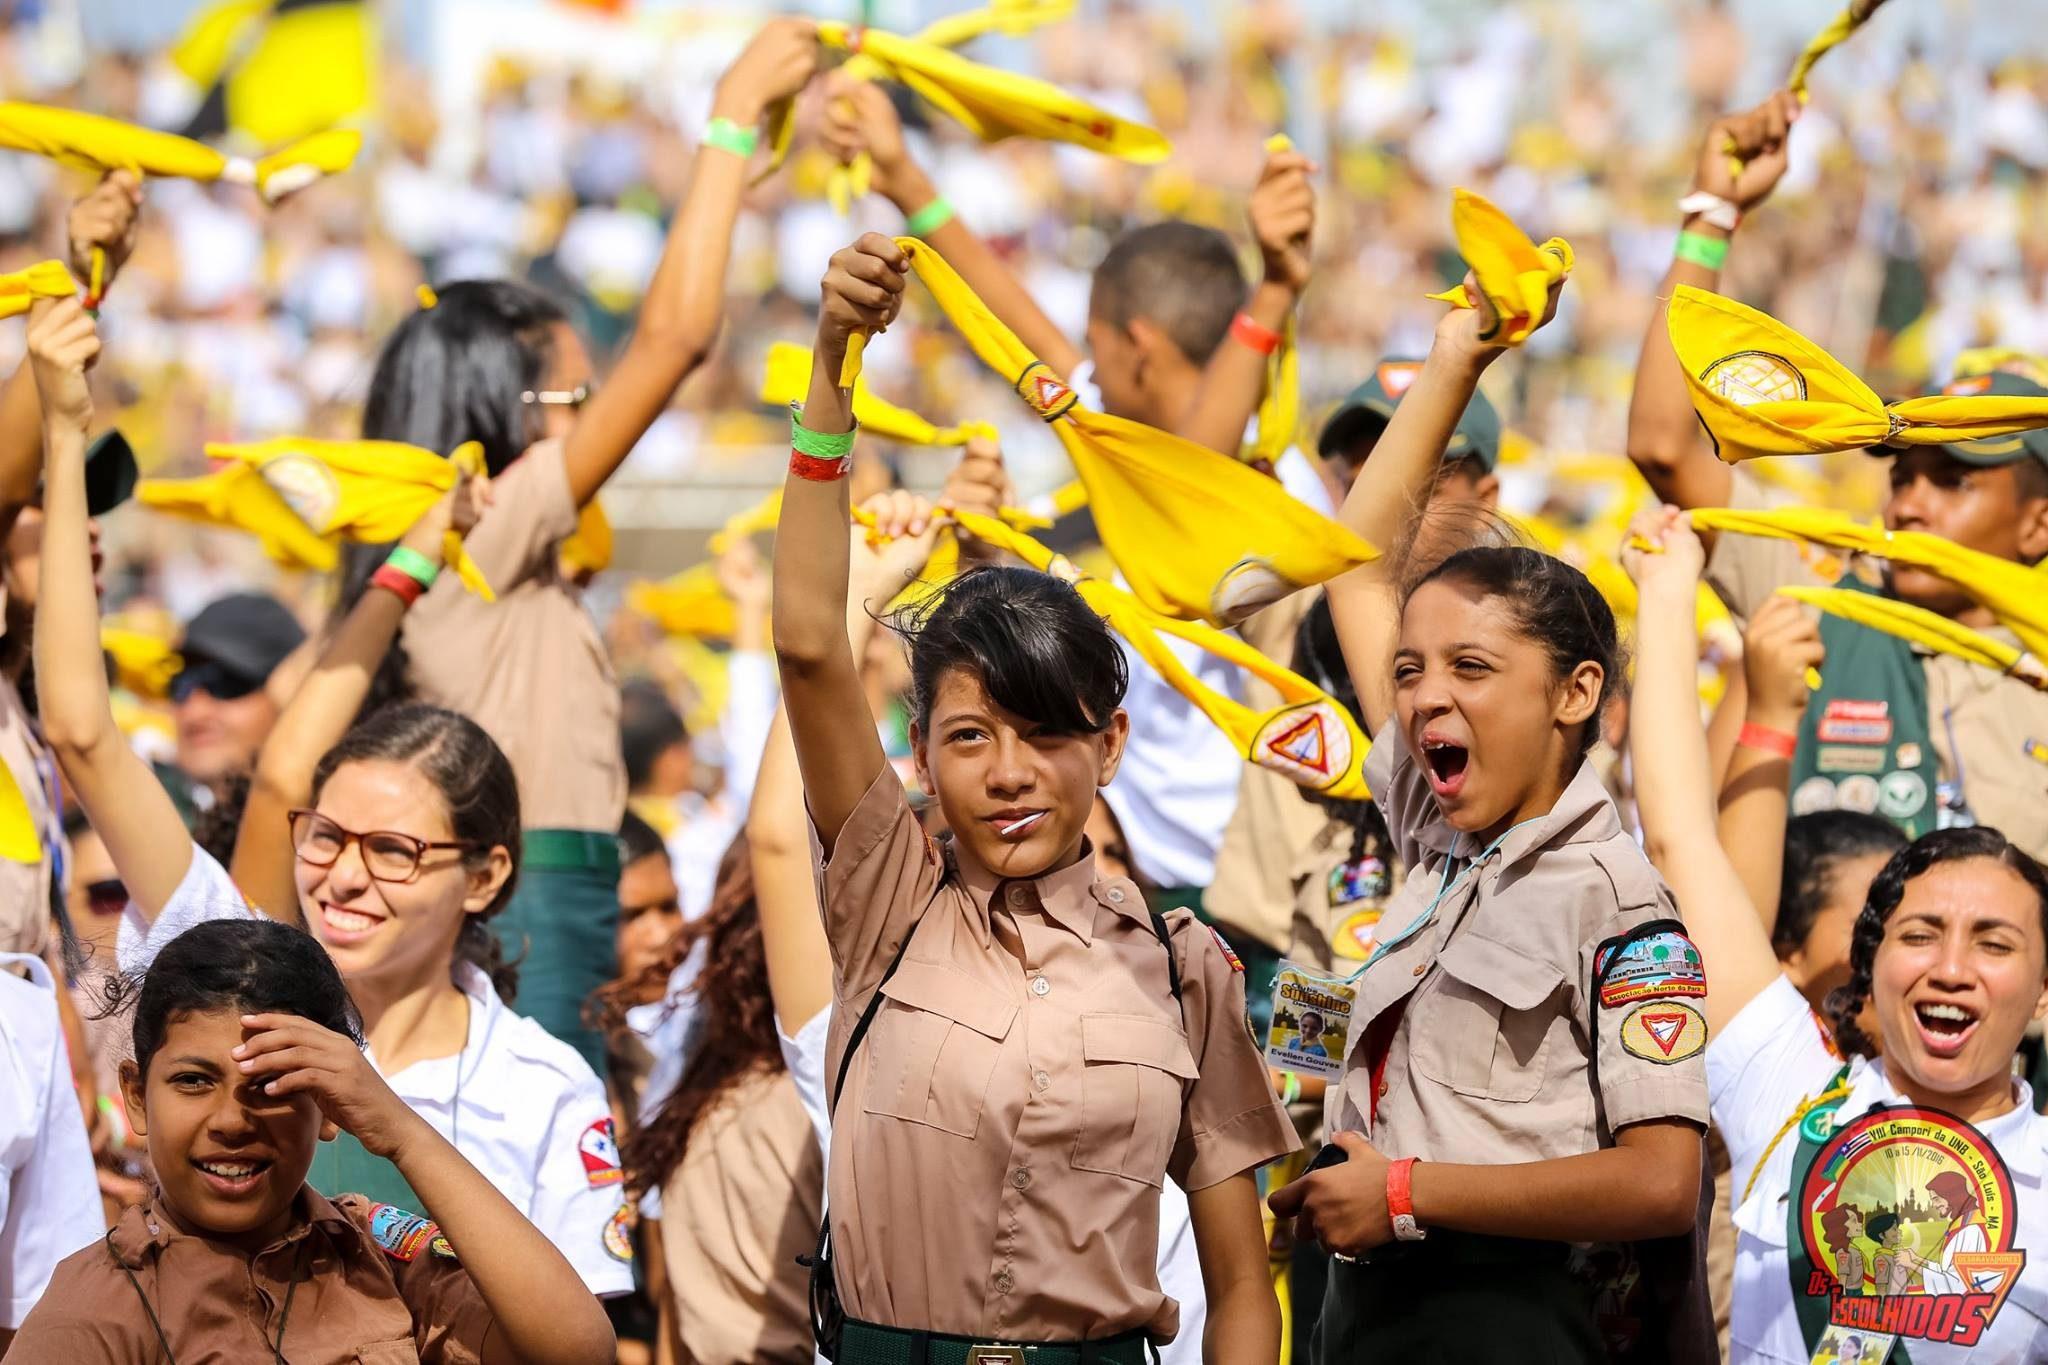 Os desbravadores do Pará, Amapá e Maranhão formaram um verdadeiro exército de juvenis e adolescentes na capita São Luís